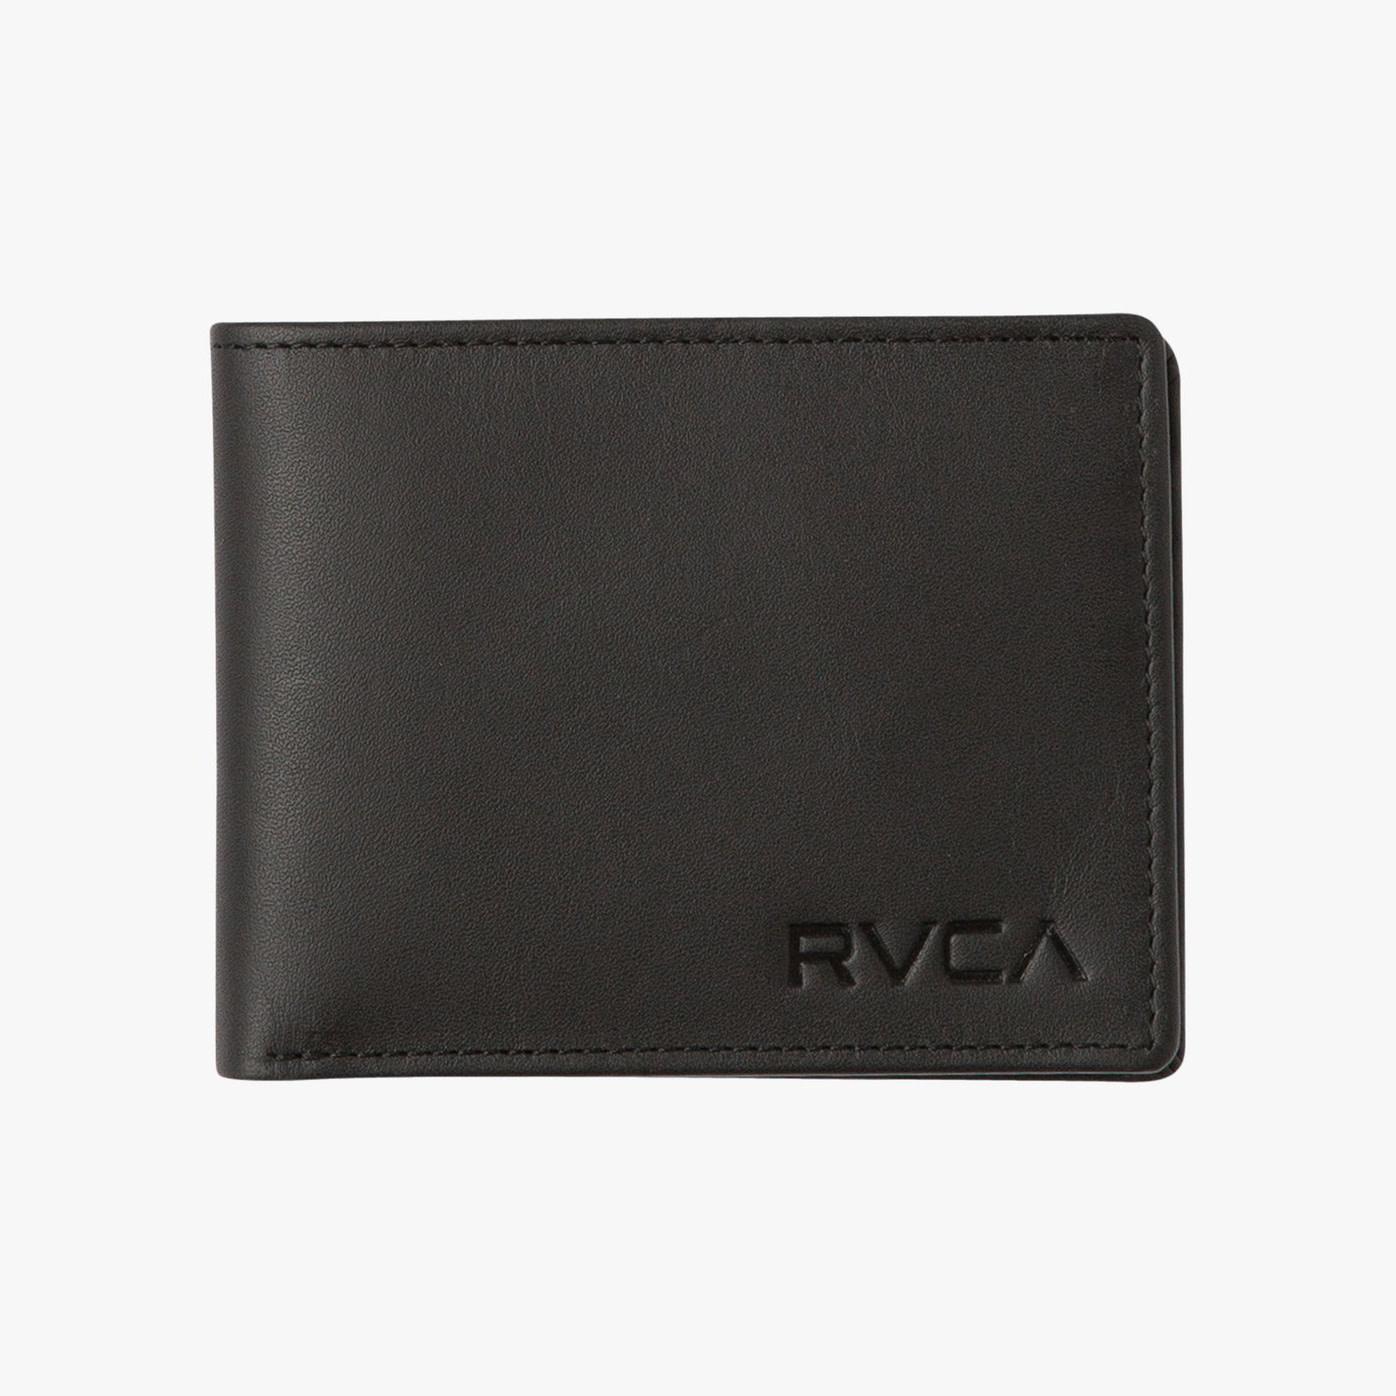 RVCA RVCA Crest Bifold Wallet - Black